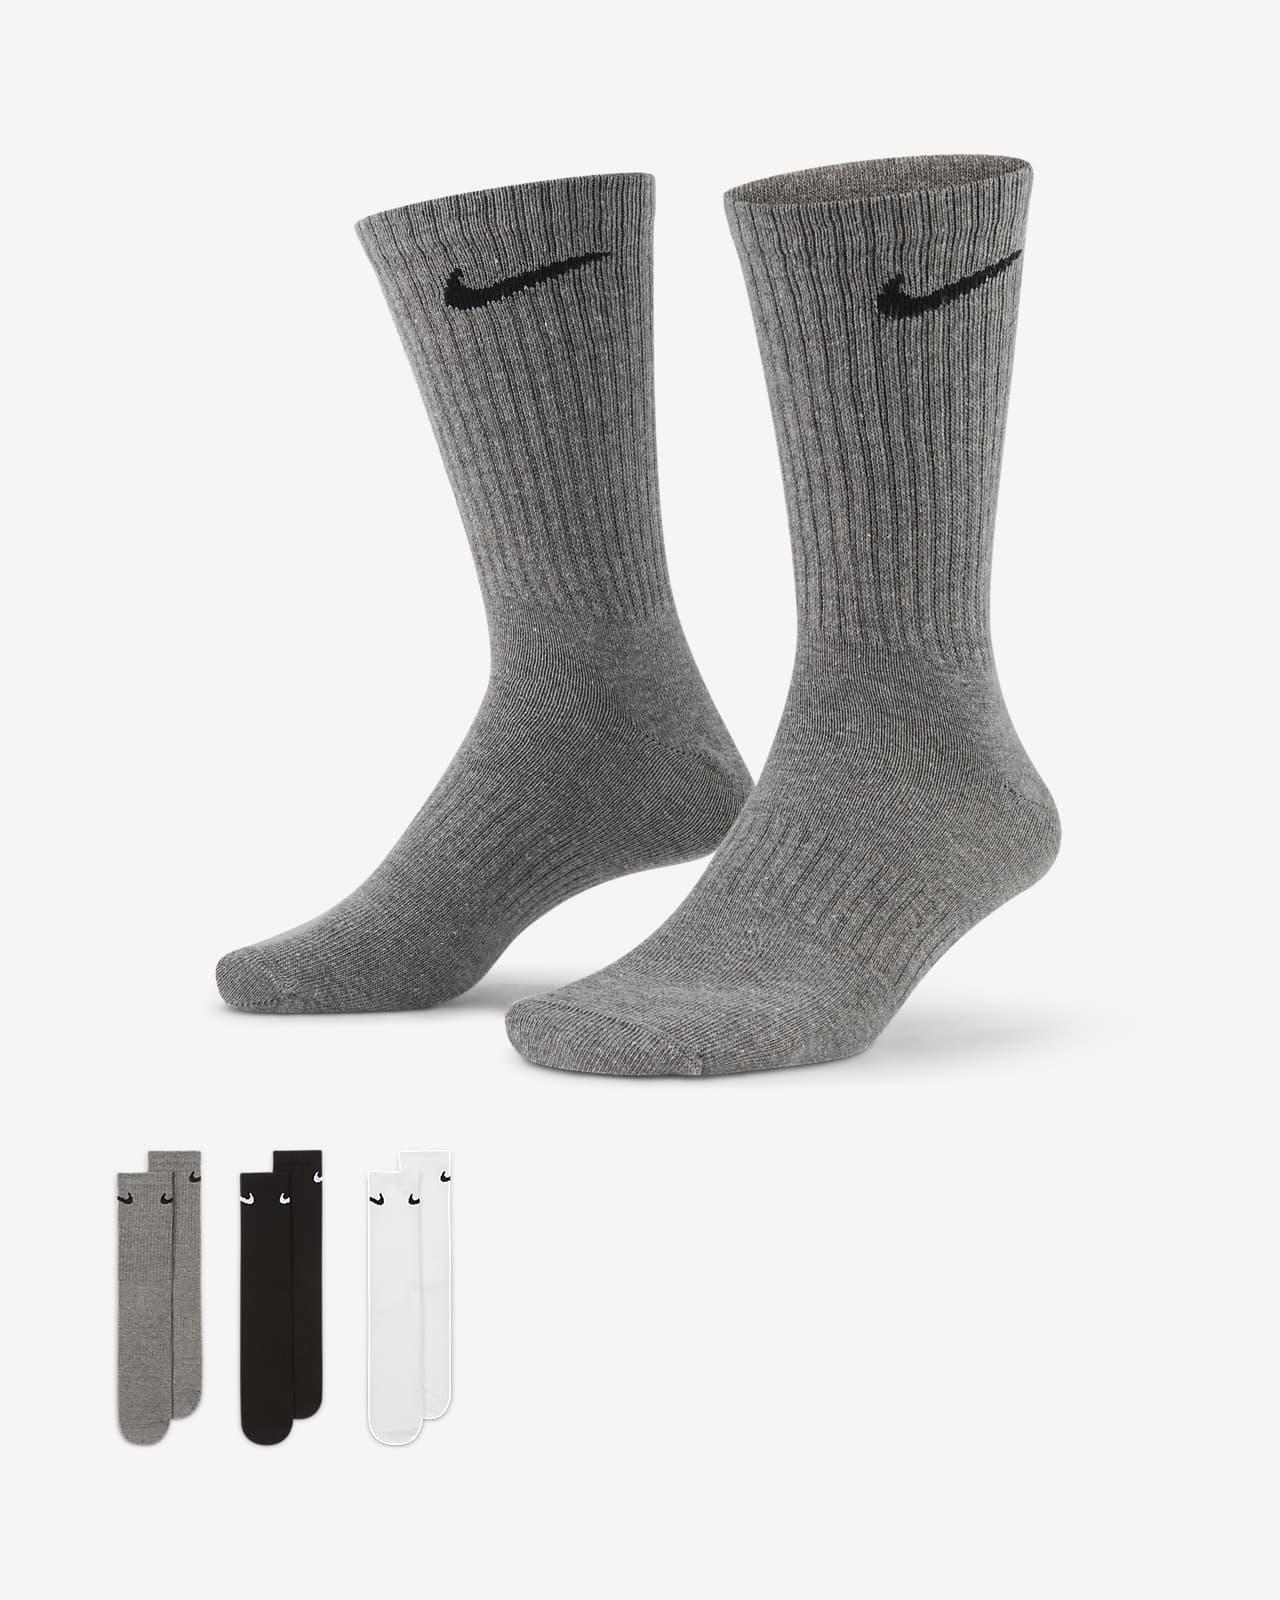 Κάλτσες προπόνησης μεσαίου ύψους Nike Everyday Lightweight (3 ζευγάρια)